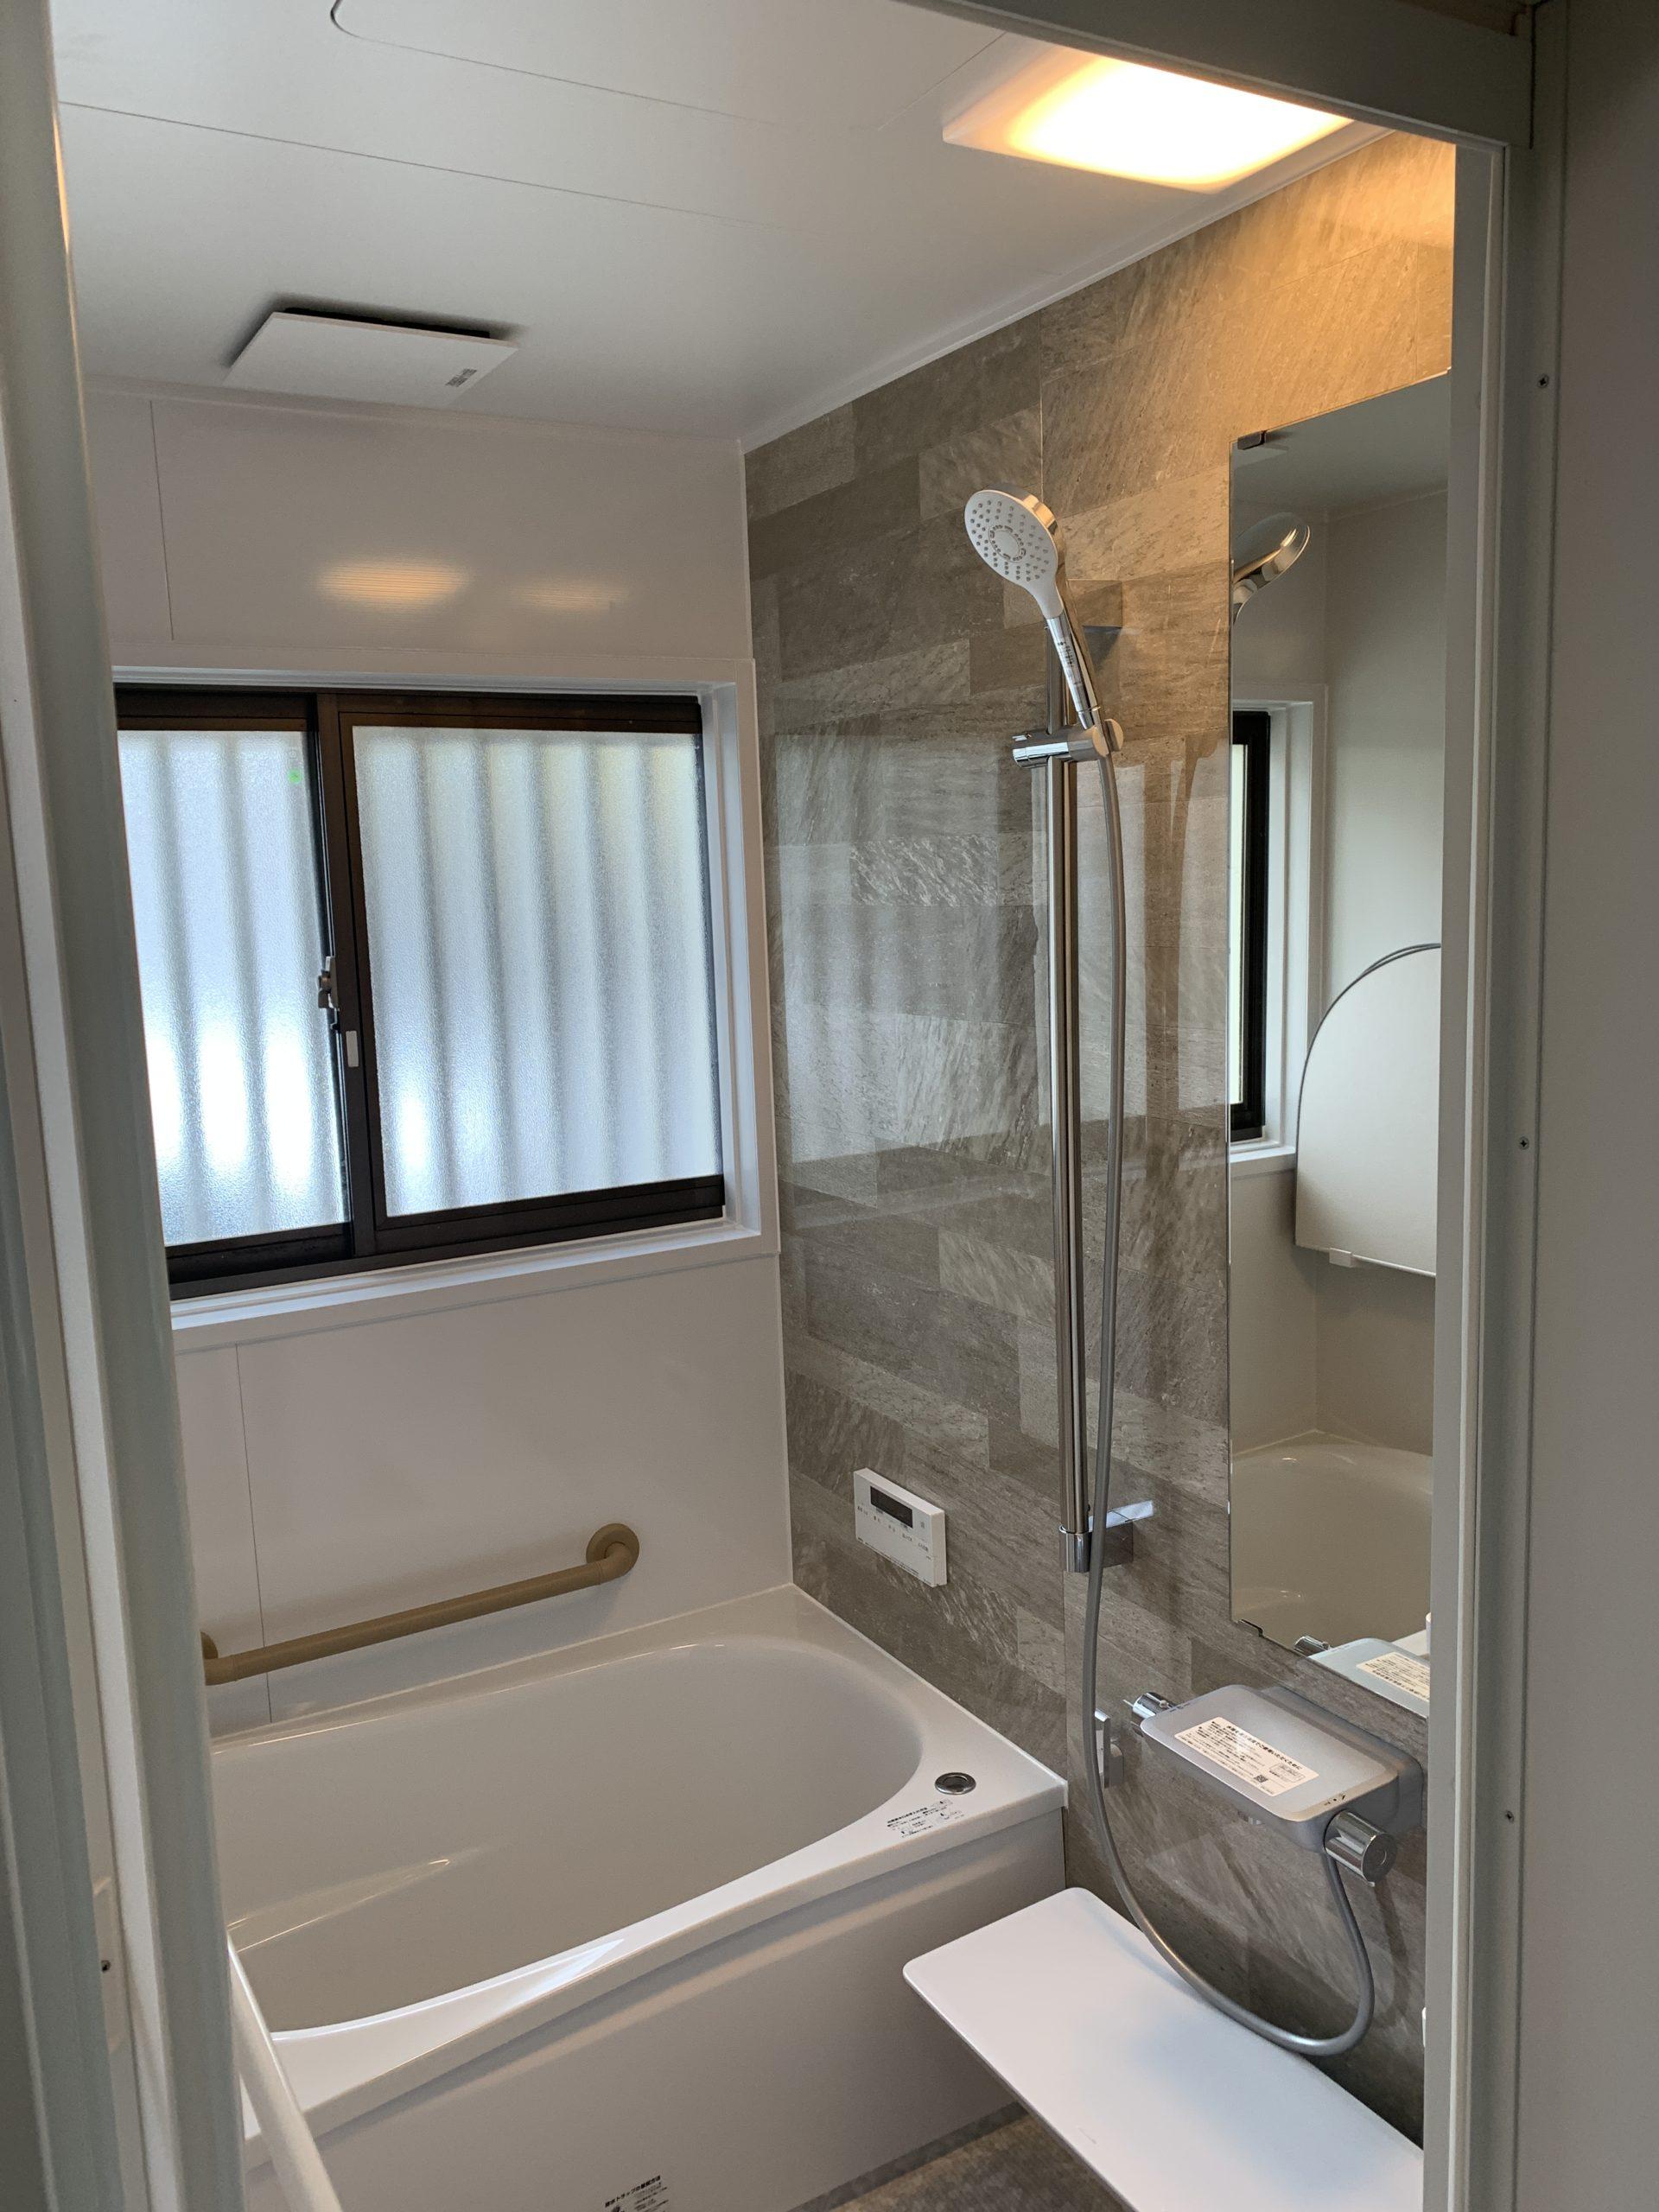 仙台市青葉区K様宅浴室改修工事風景